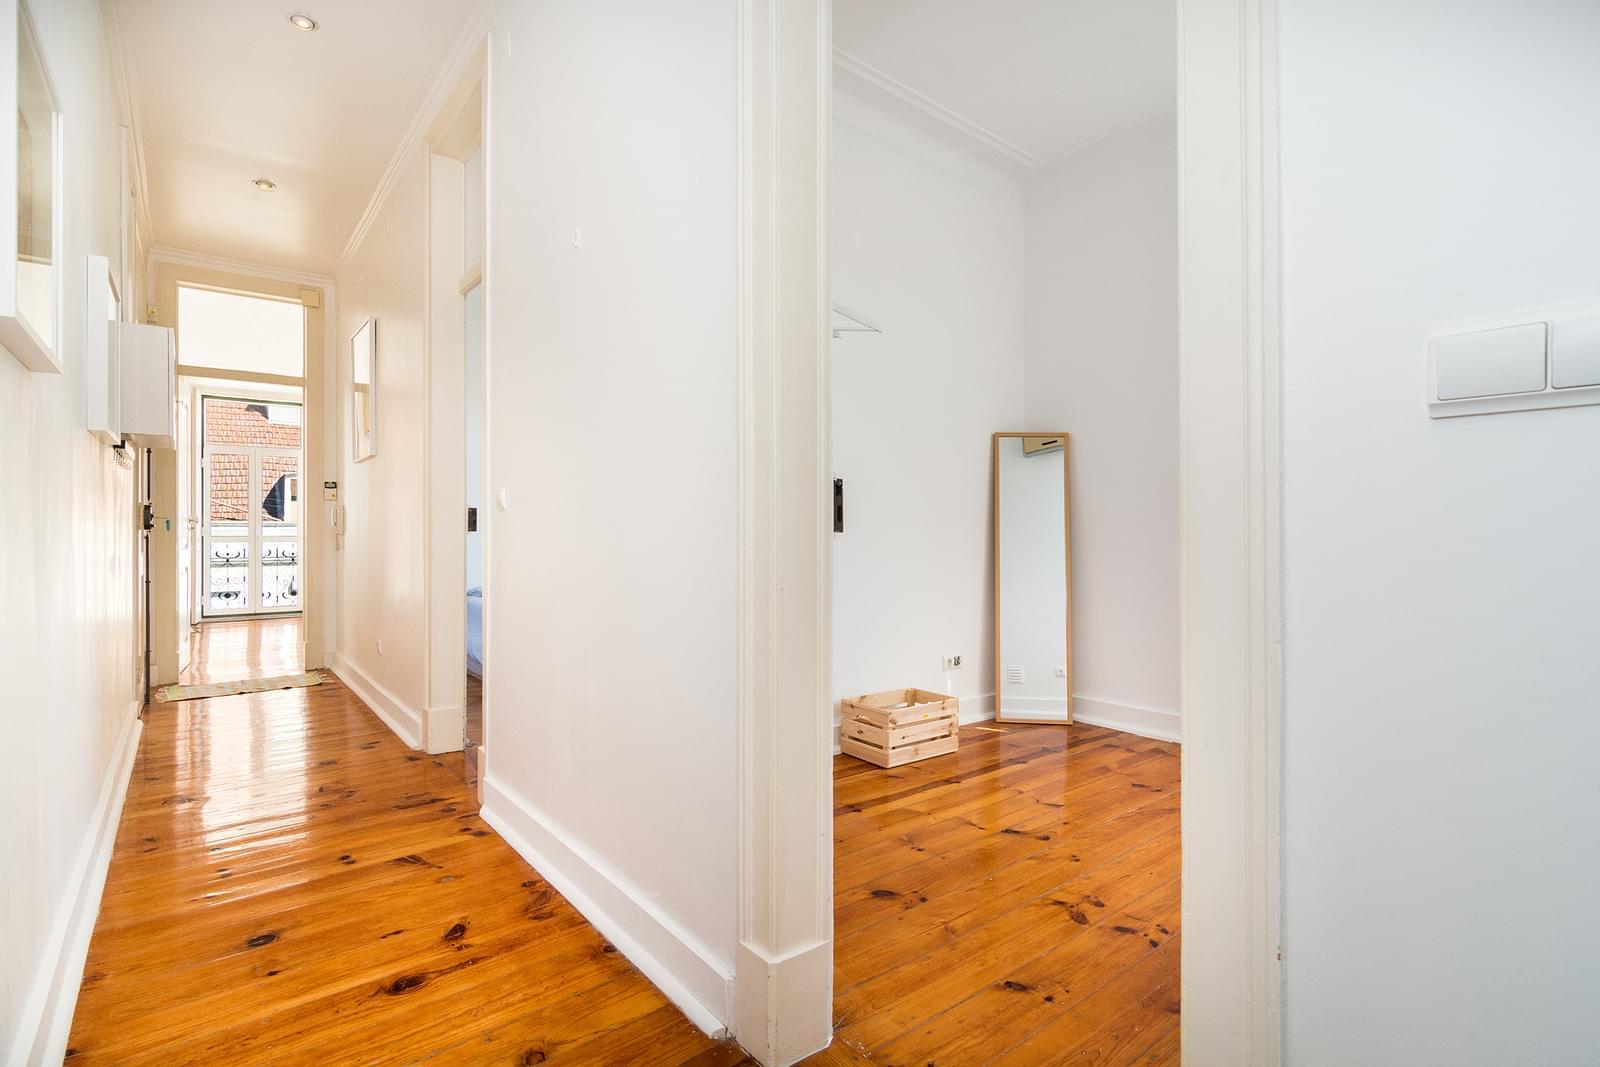 pf17569-apartamento-t2-lisboa-5a6b234b-2661-49fe-87cf-2062fe702620